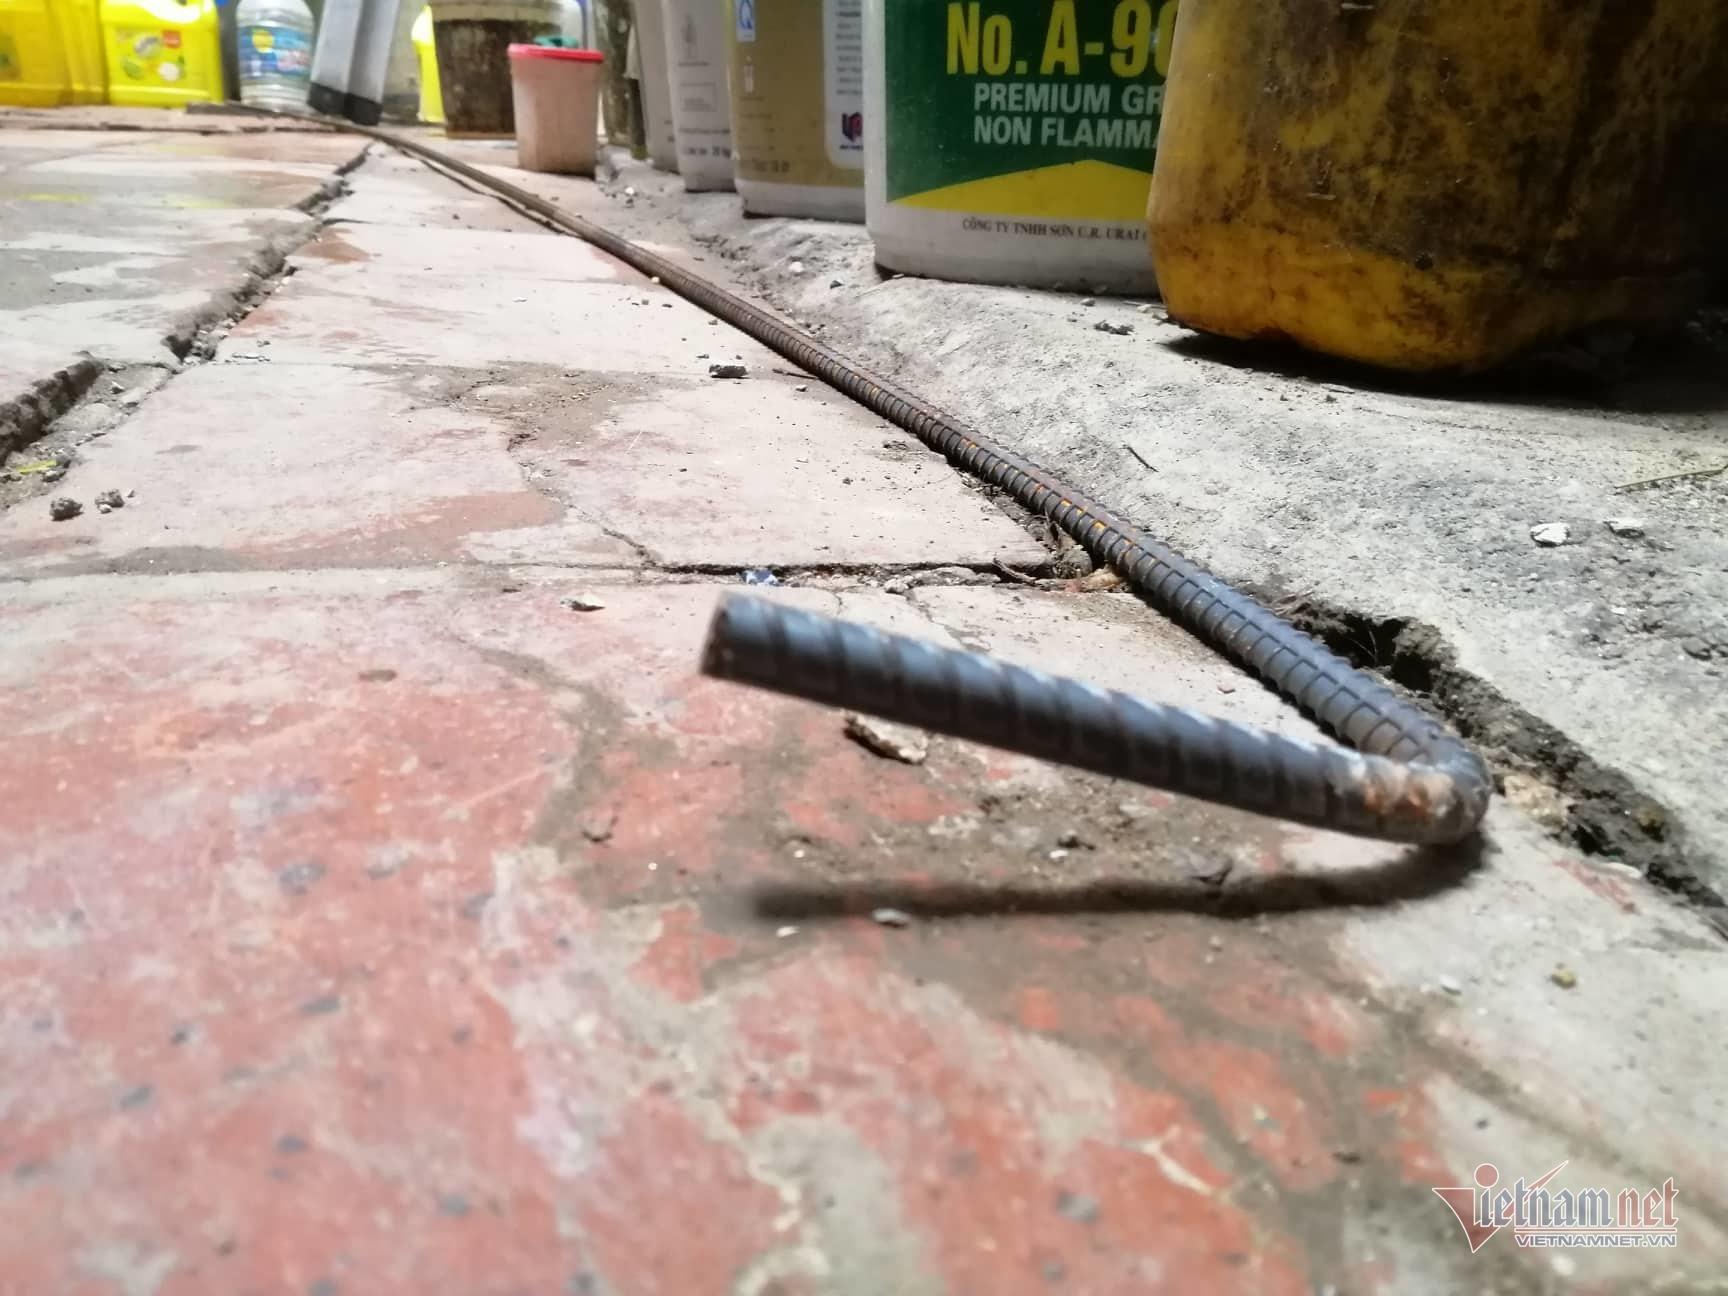 Nhà phố cổ nứt toác, chực sập cạnh công trường xây dựng